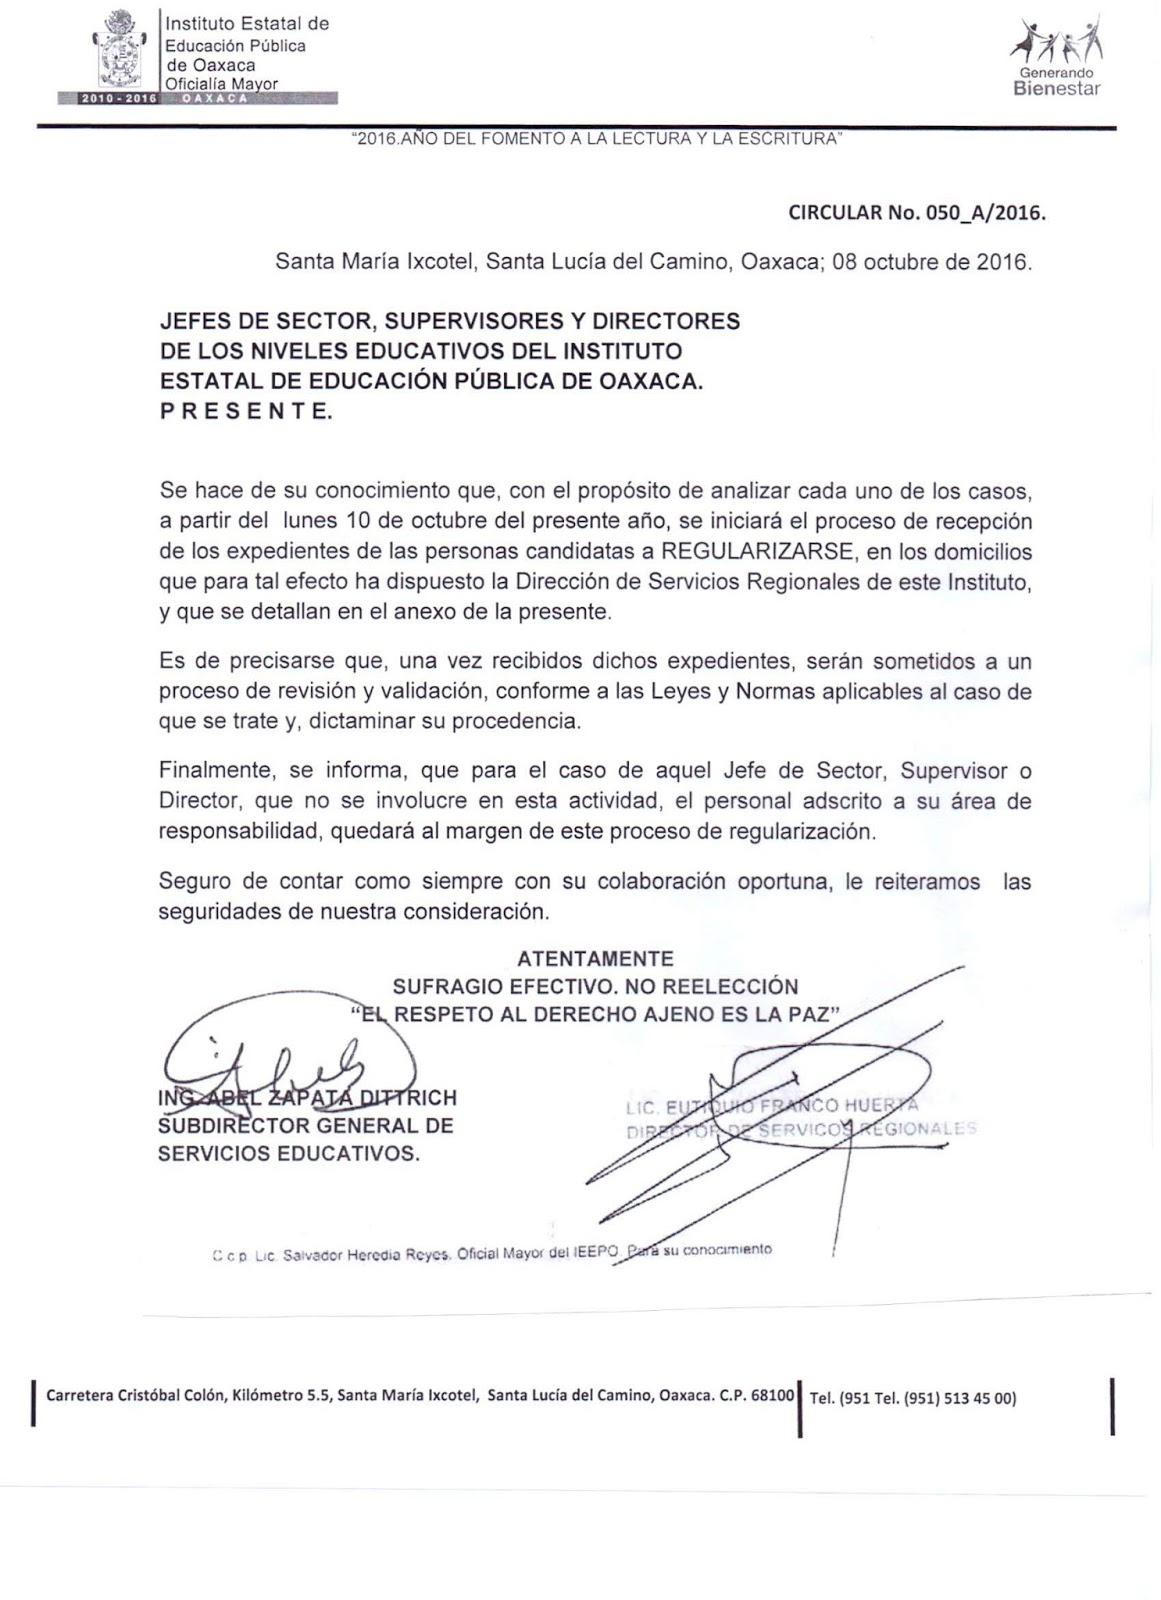 Unidad de Educación Secundaria - IEEPO: 2016